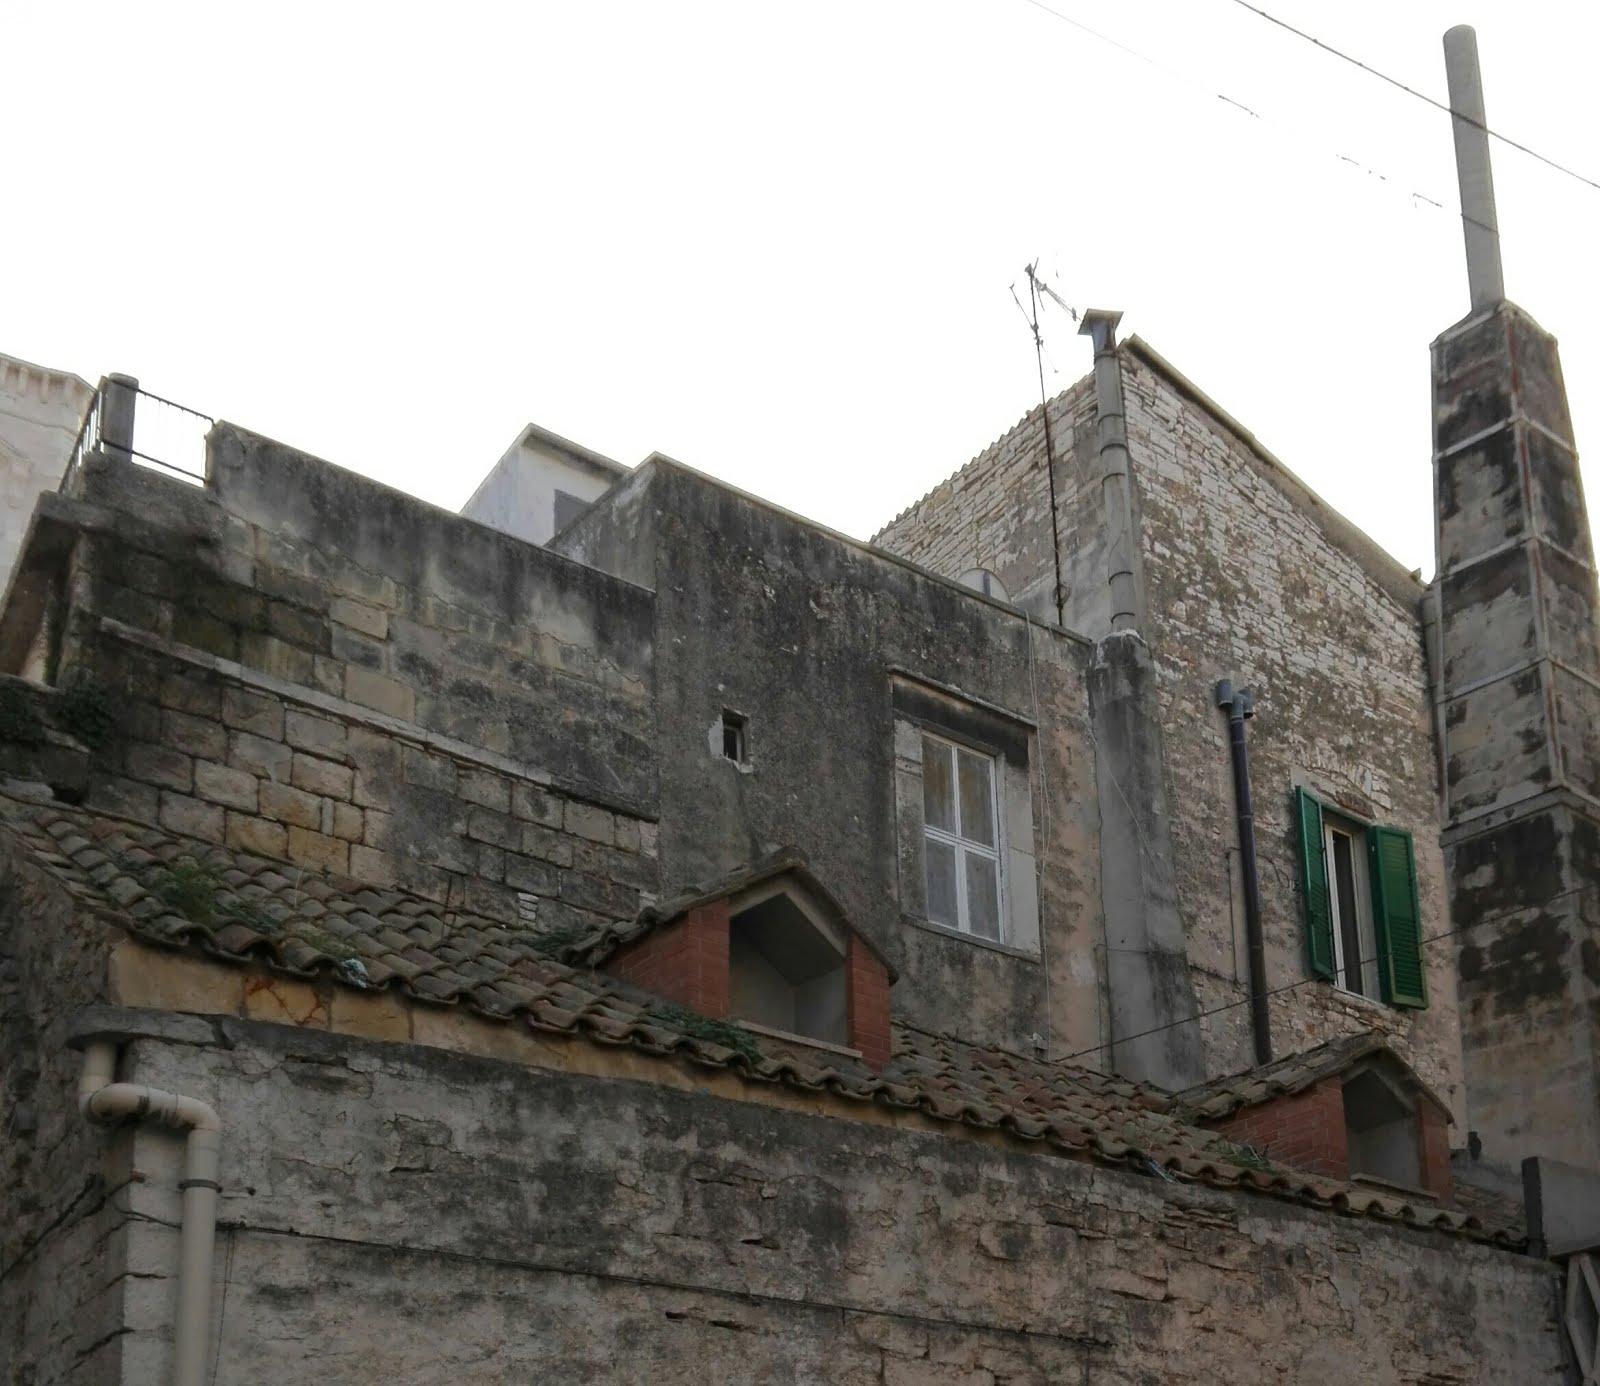 il profumo antico dei tetti